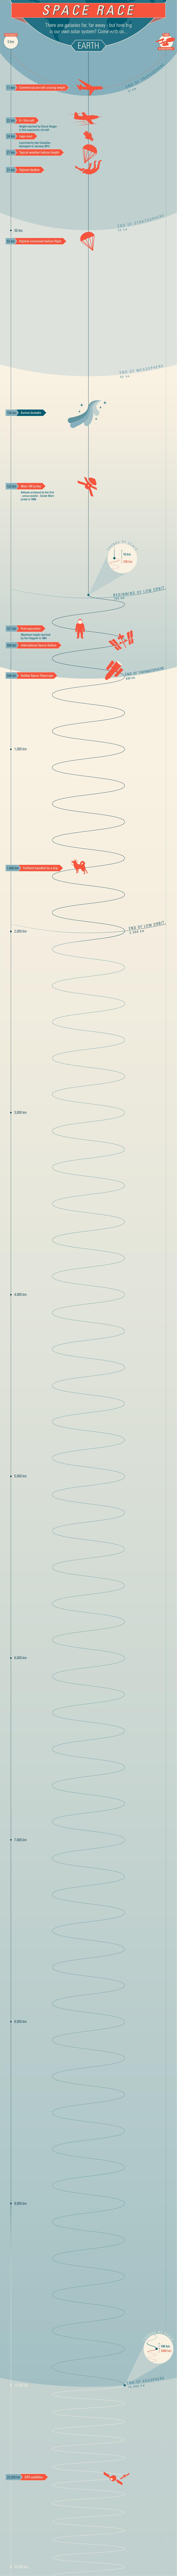 インフォグラフィック:宇宙開発における人類の軌跡。人類はもっと遠くへ行きたい